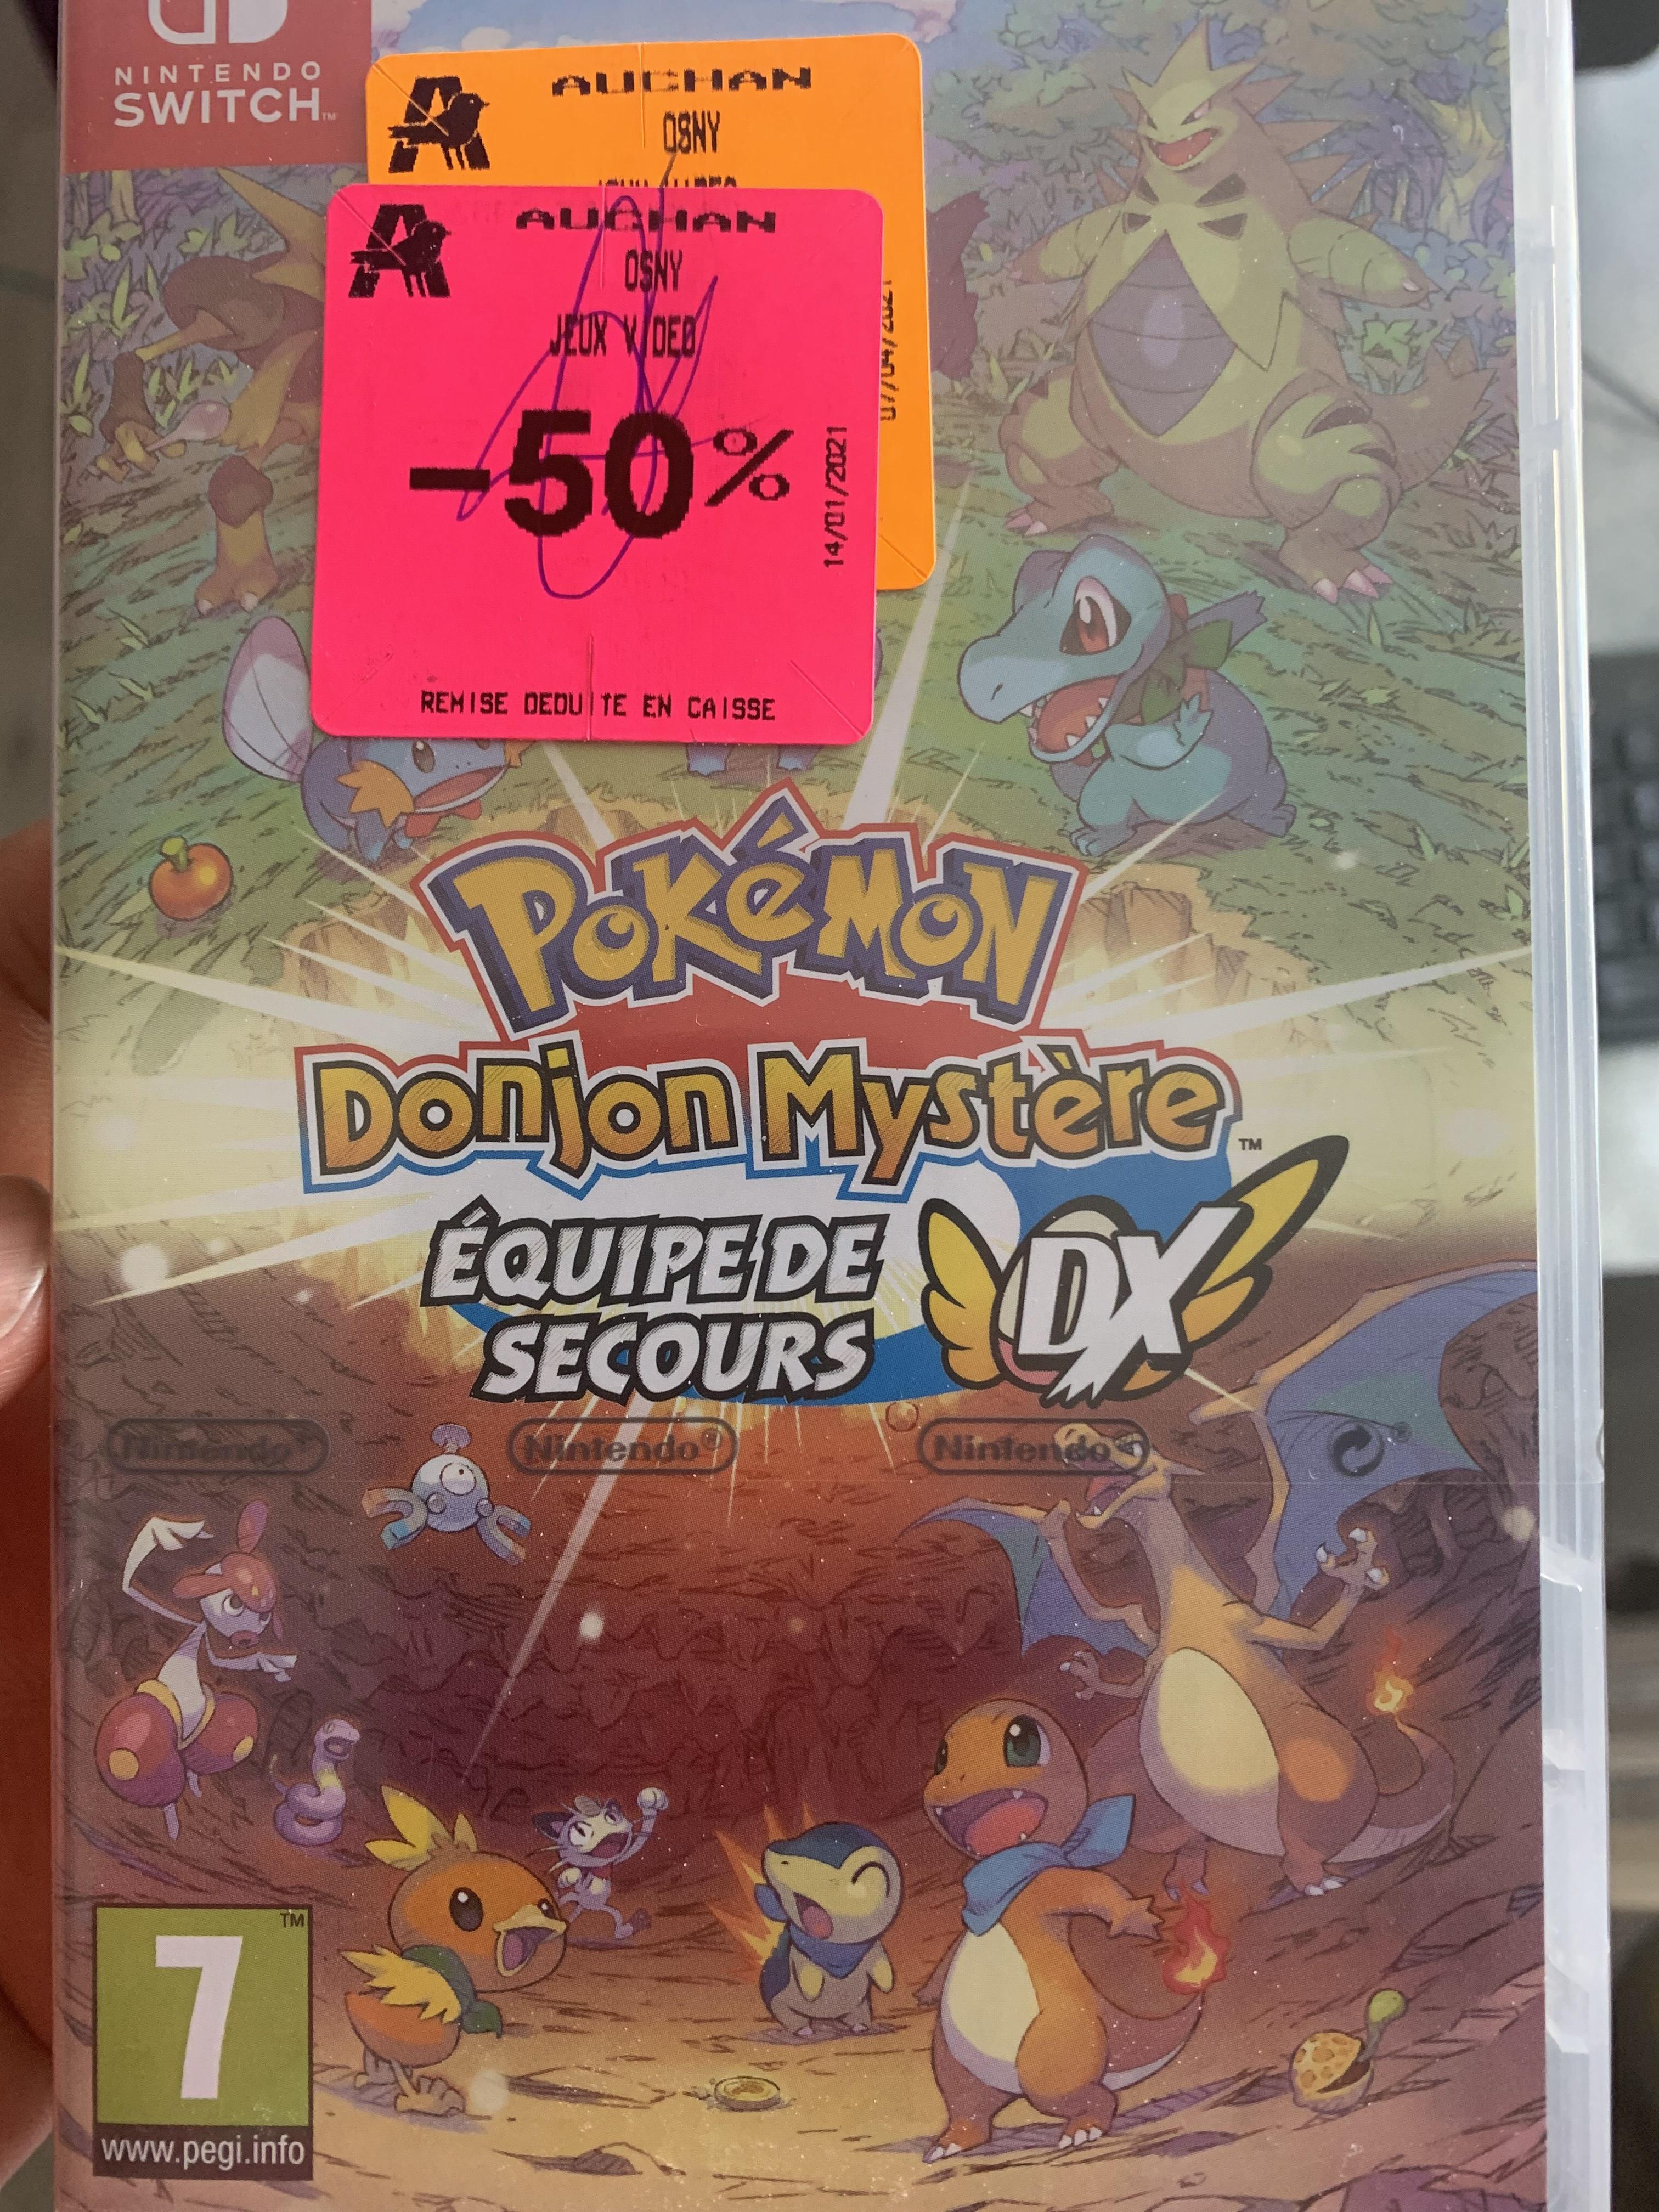 Pokémon Donjon Mystère : Équipe de secours DX sur Nintendo Switch (Osny 95)